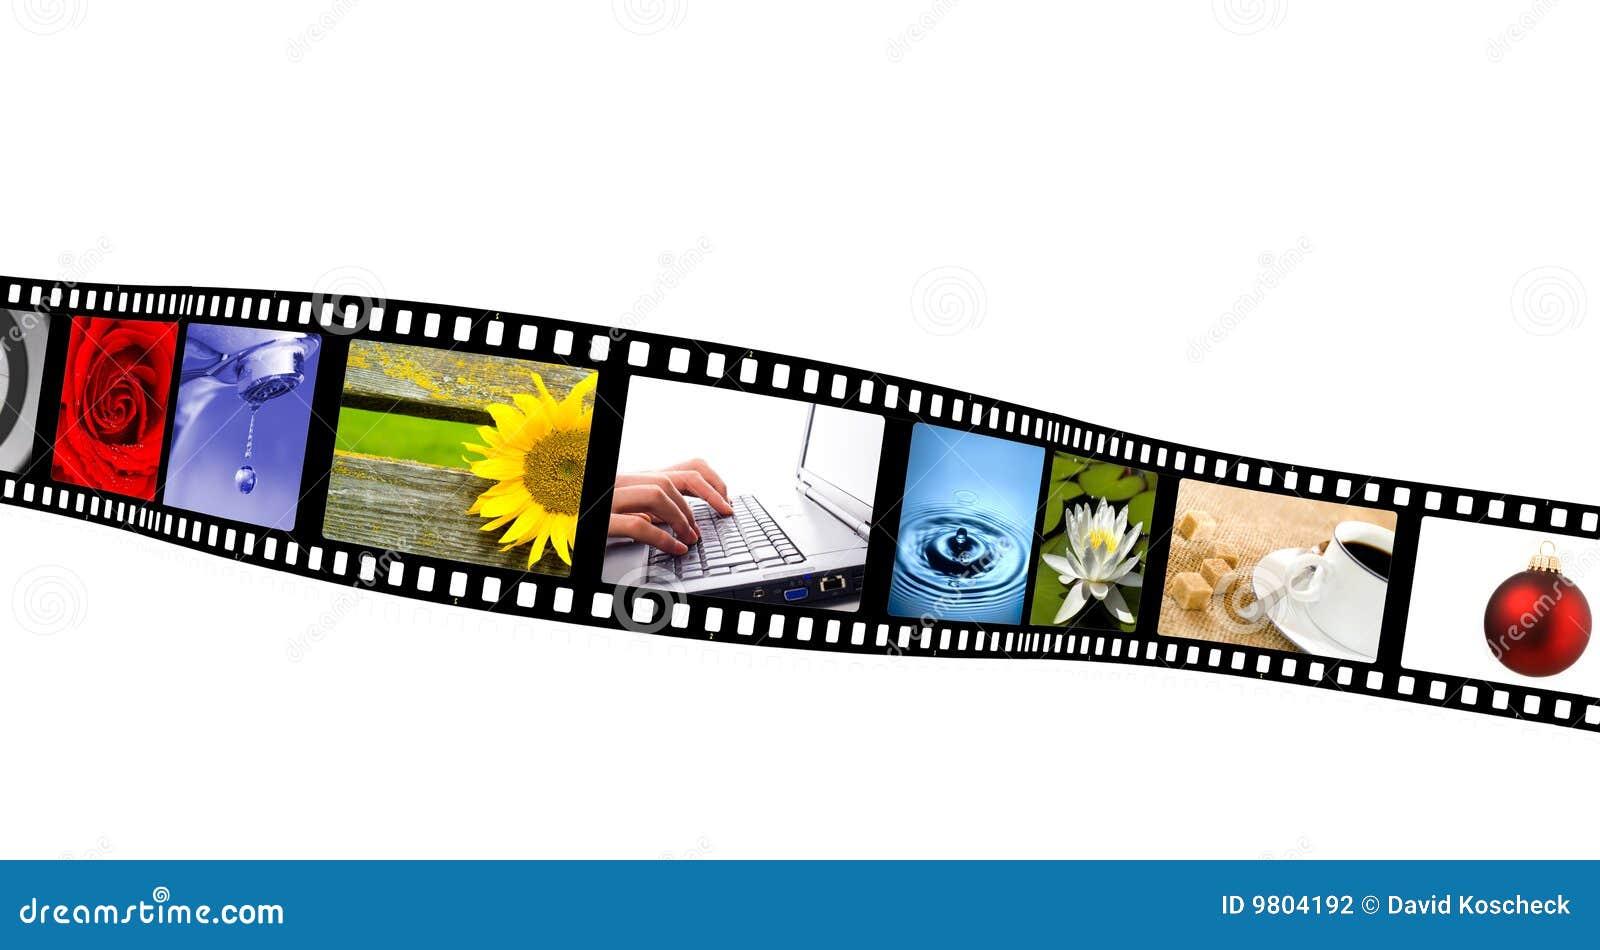 stabilisateur d image iphone 4 0HoqI